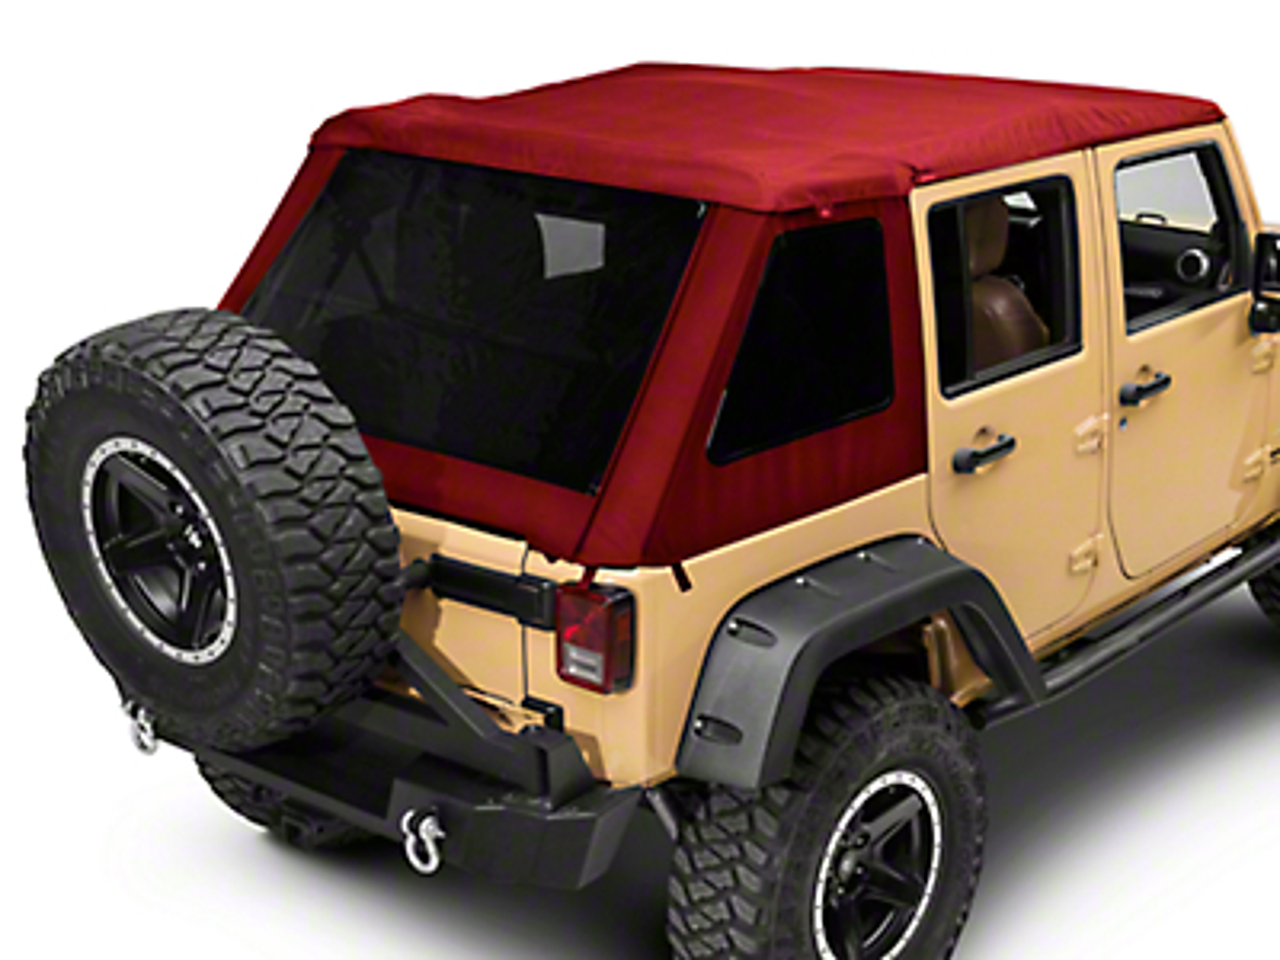 Bestop Trektop NX Glide Soft Top - Red Twill (07-18 Wrangler JK 4 Door)